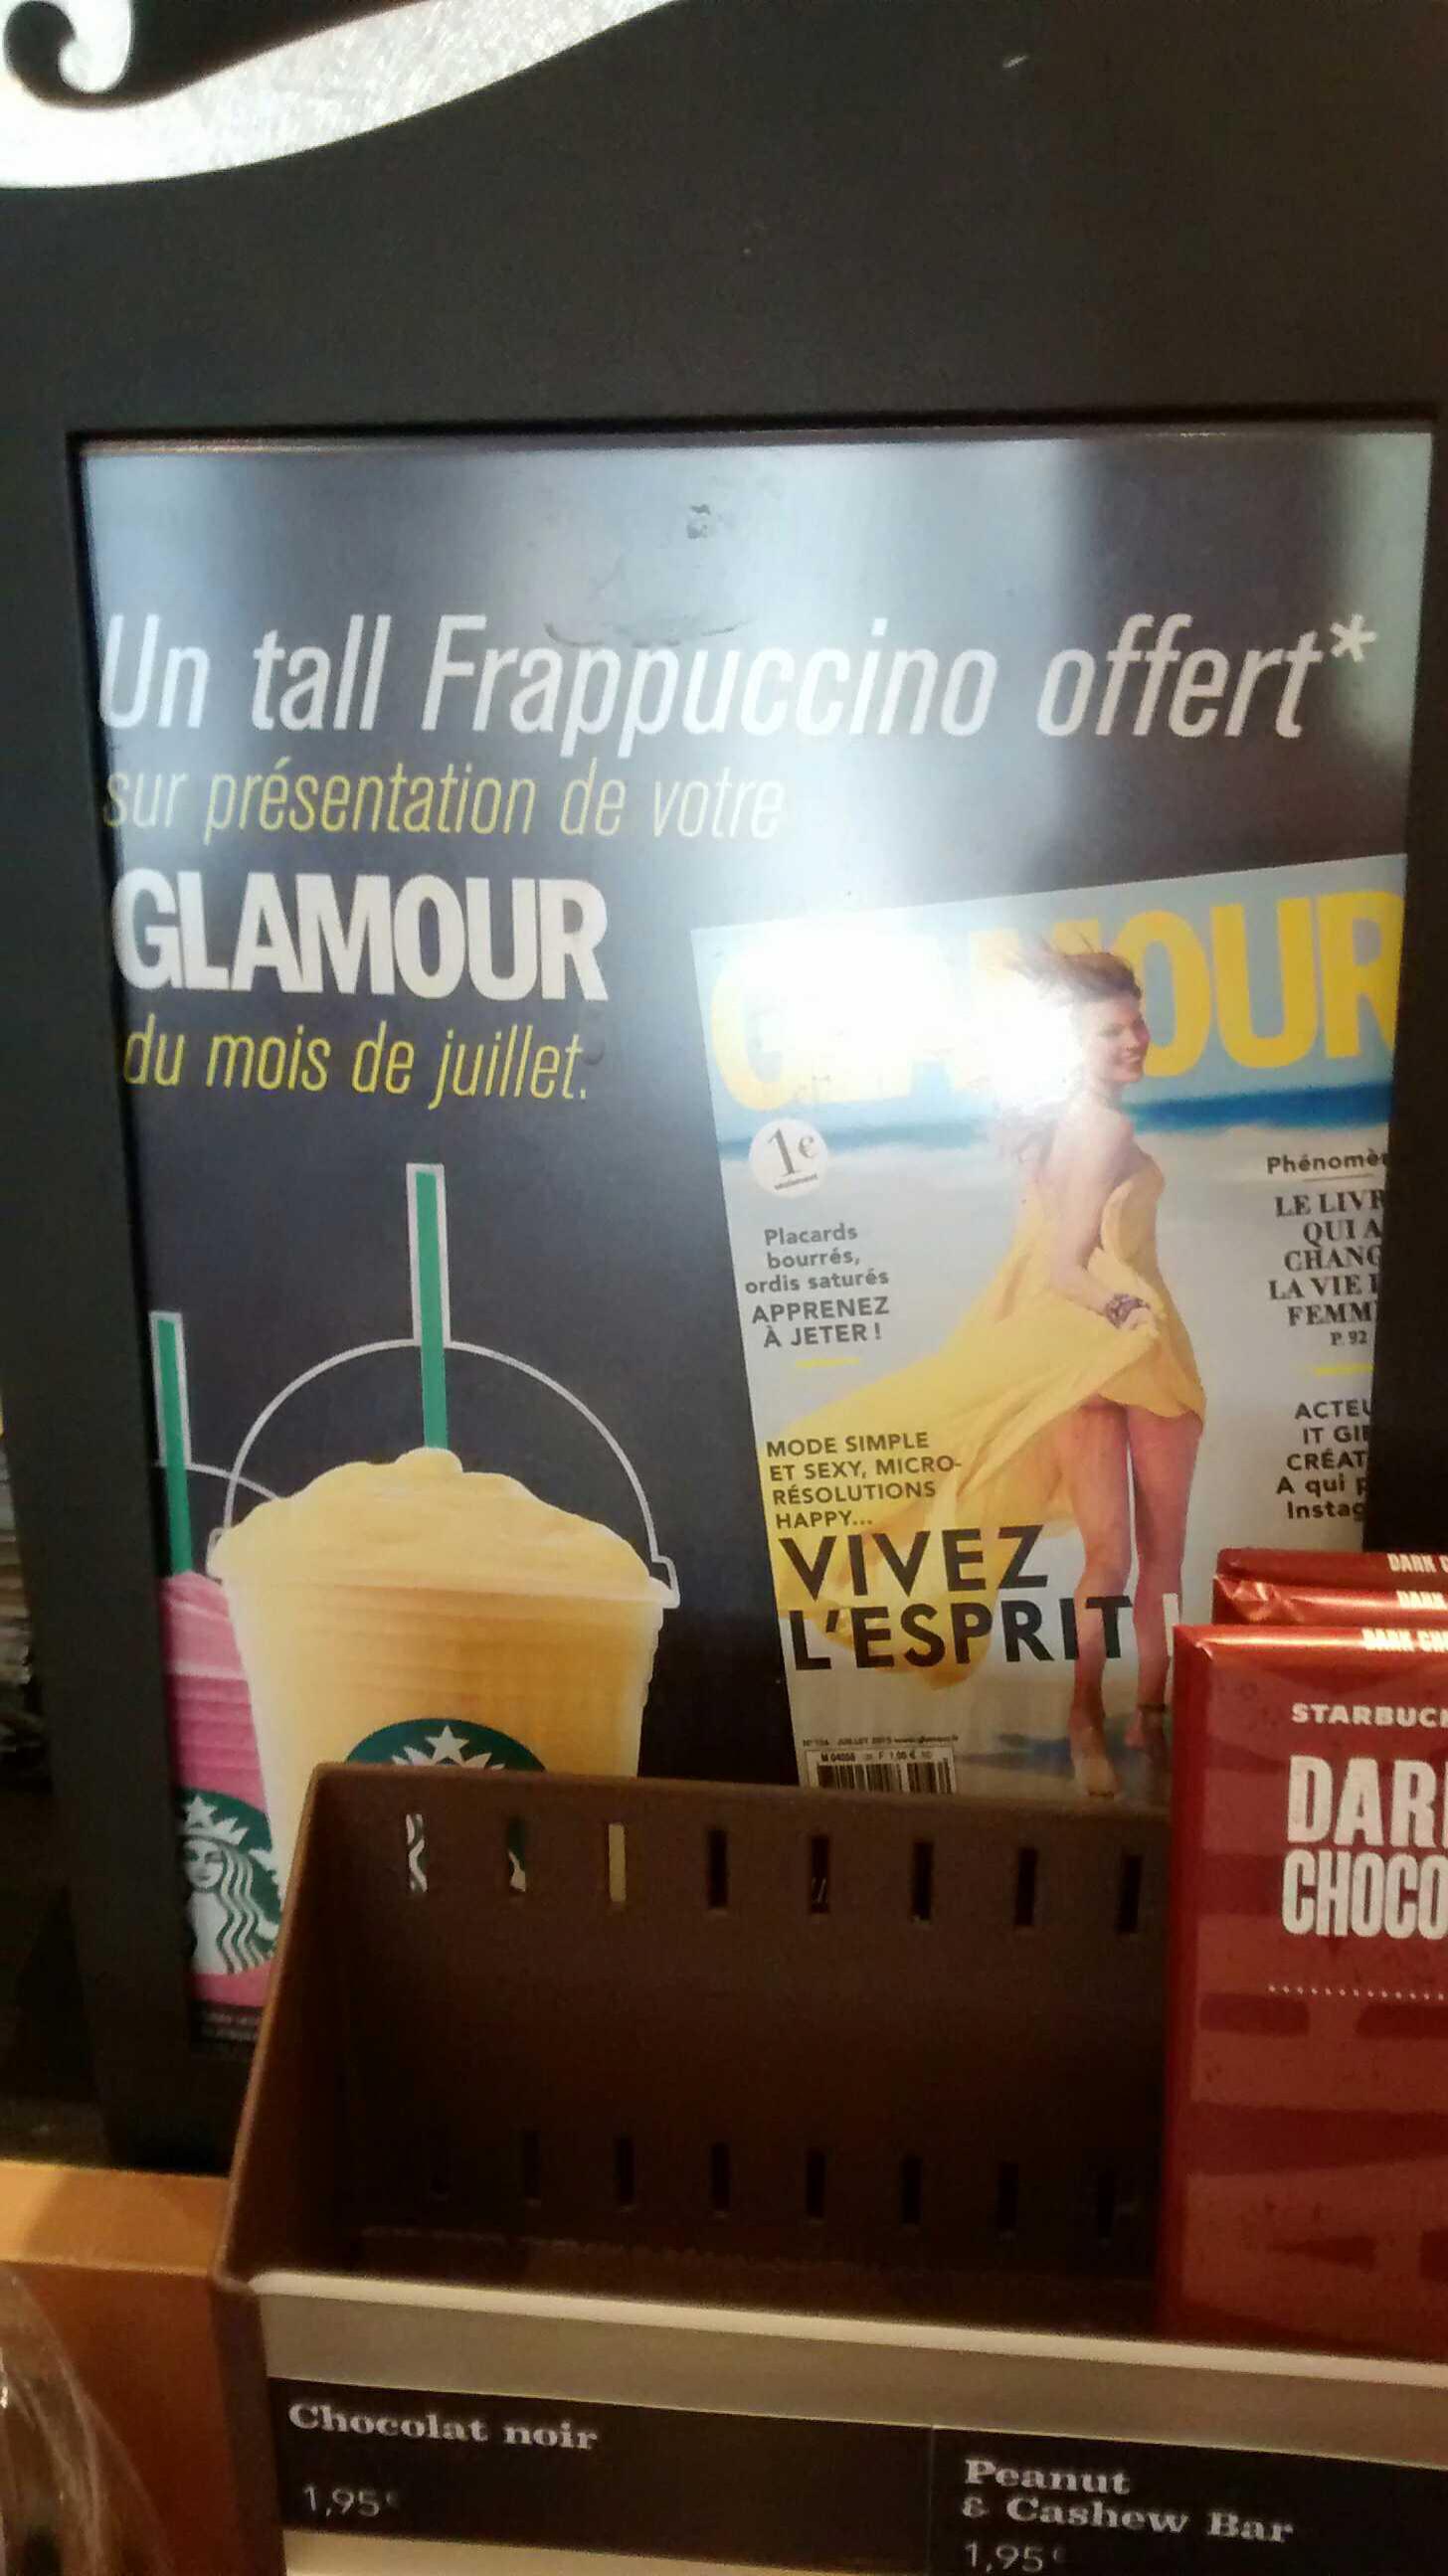 Une boisson offerte sur présentation du magazine Glamour (Juillet)